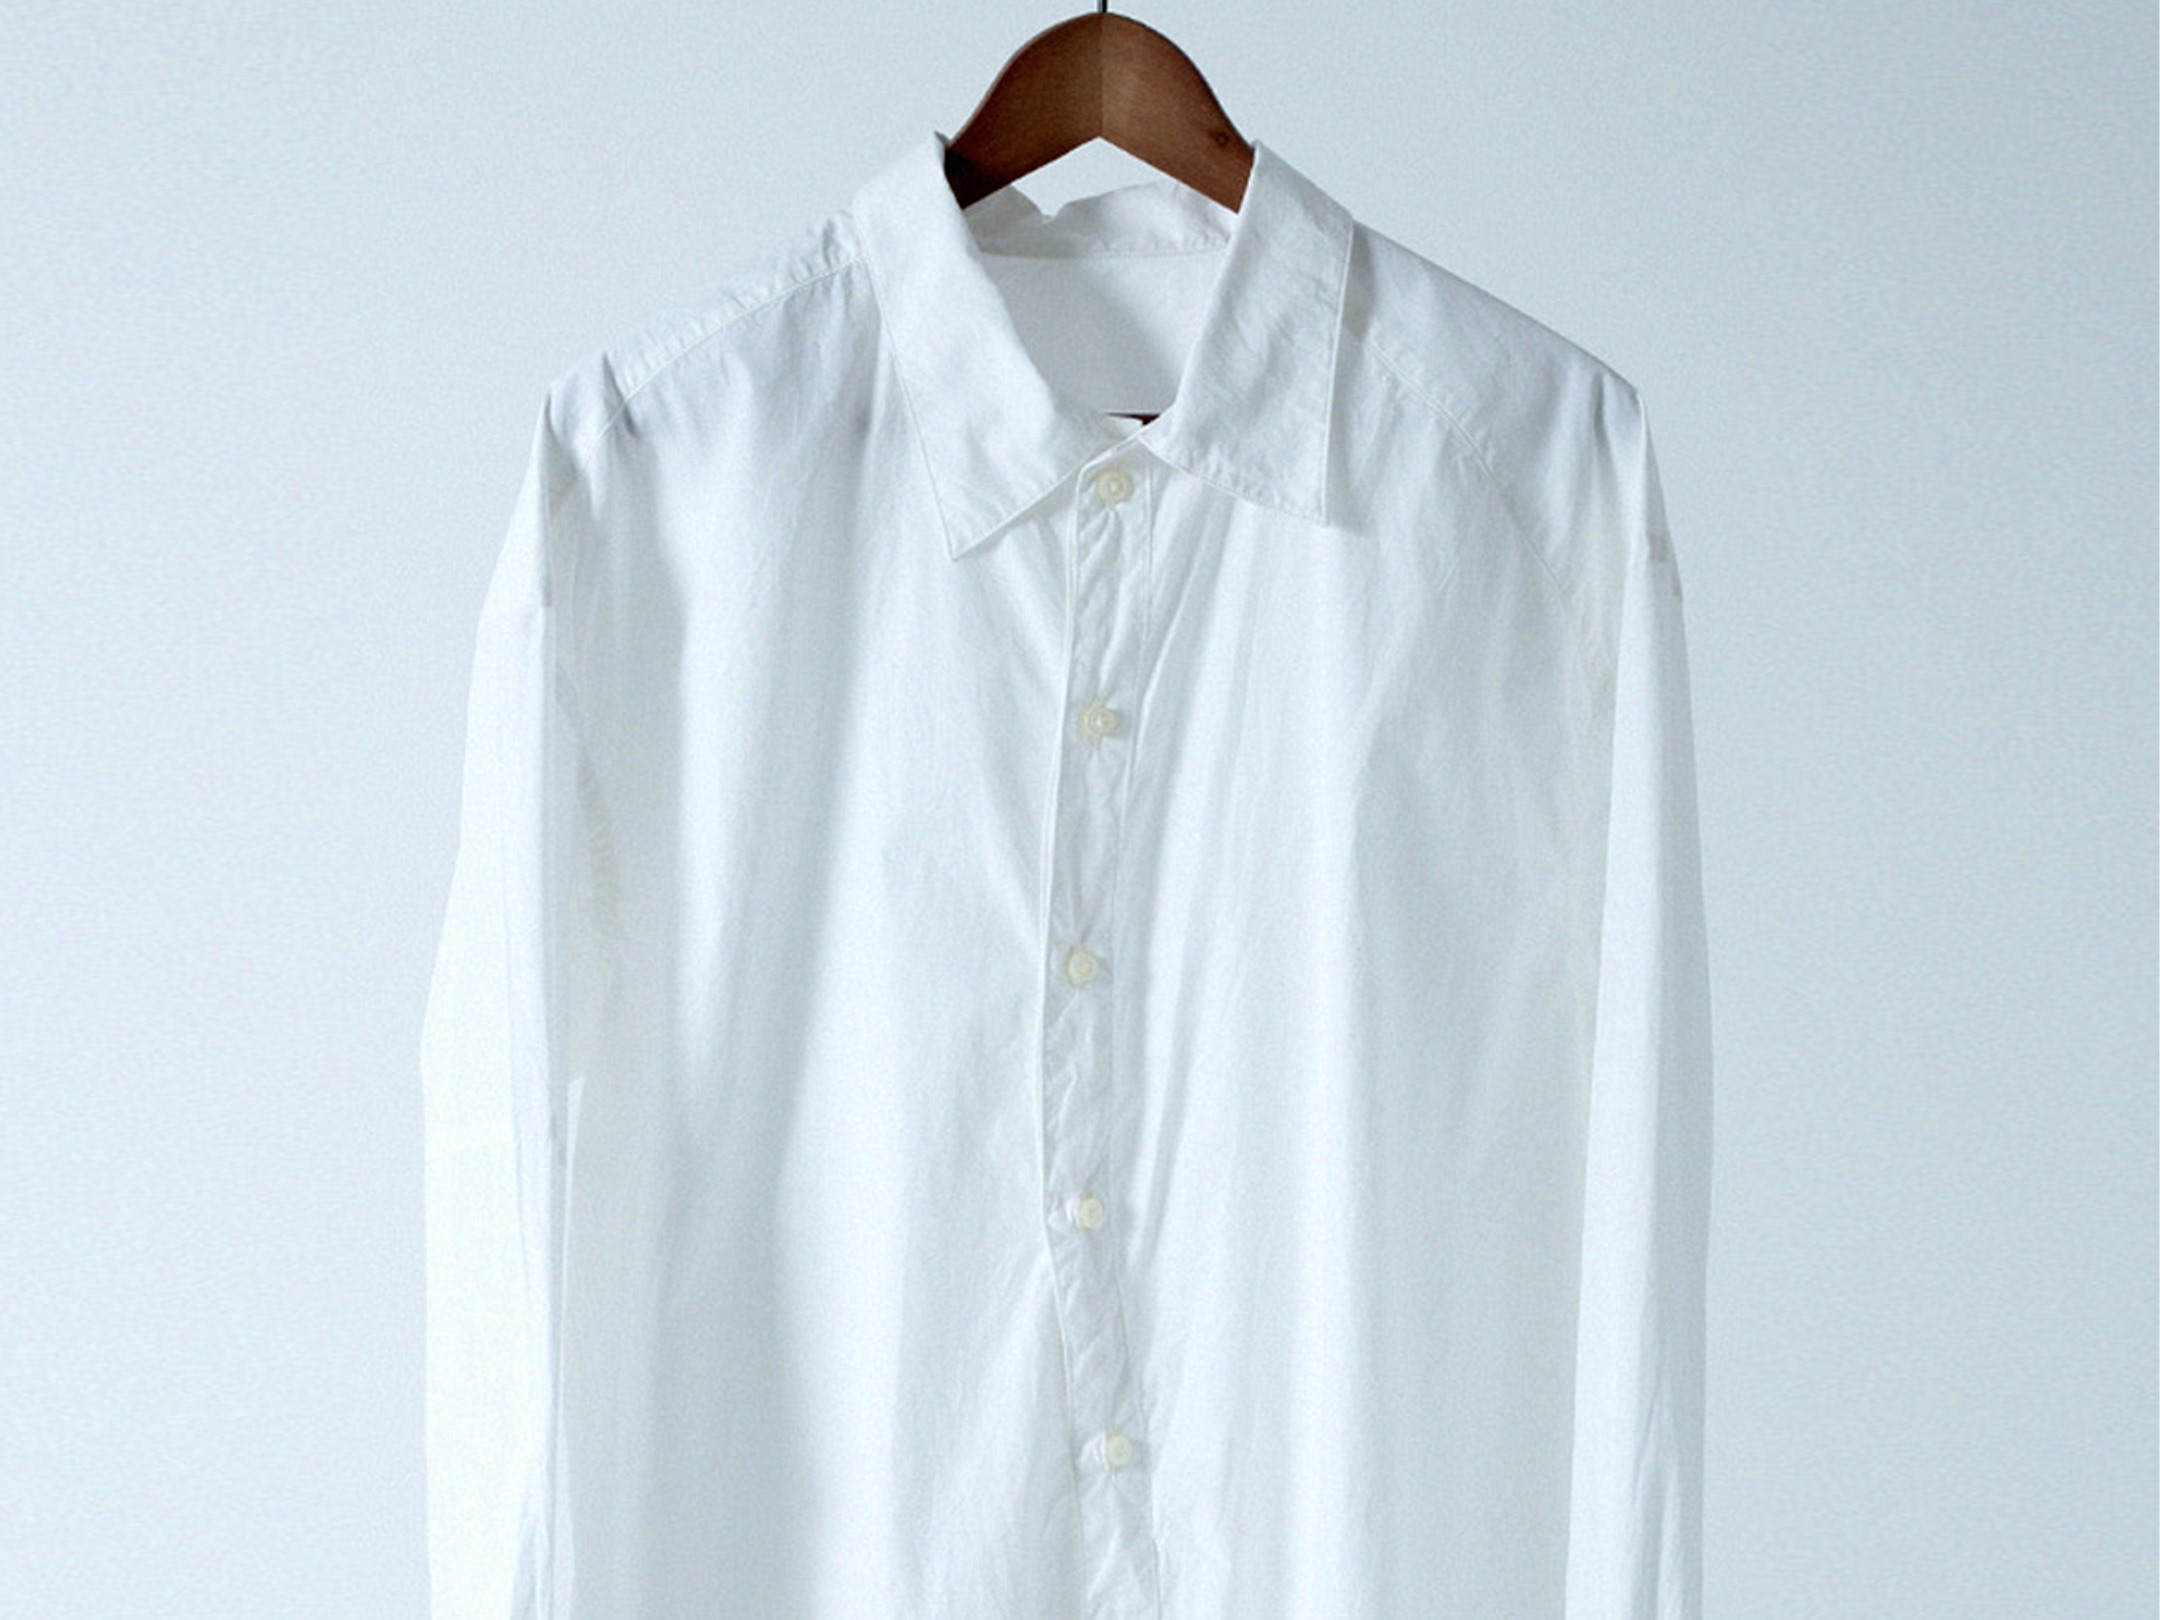 Yシャツの下に肌着を着る? 着ない? どちらが正解でしょうか。